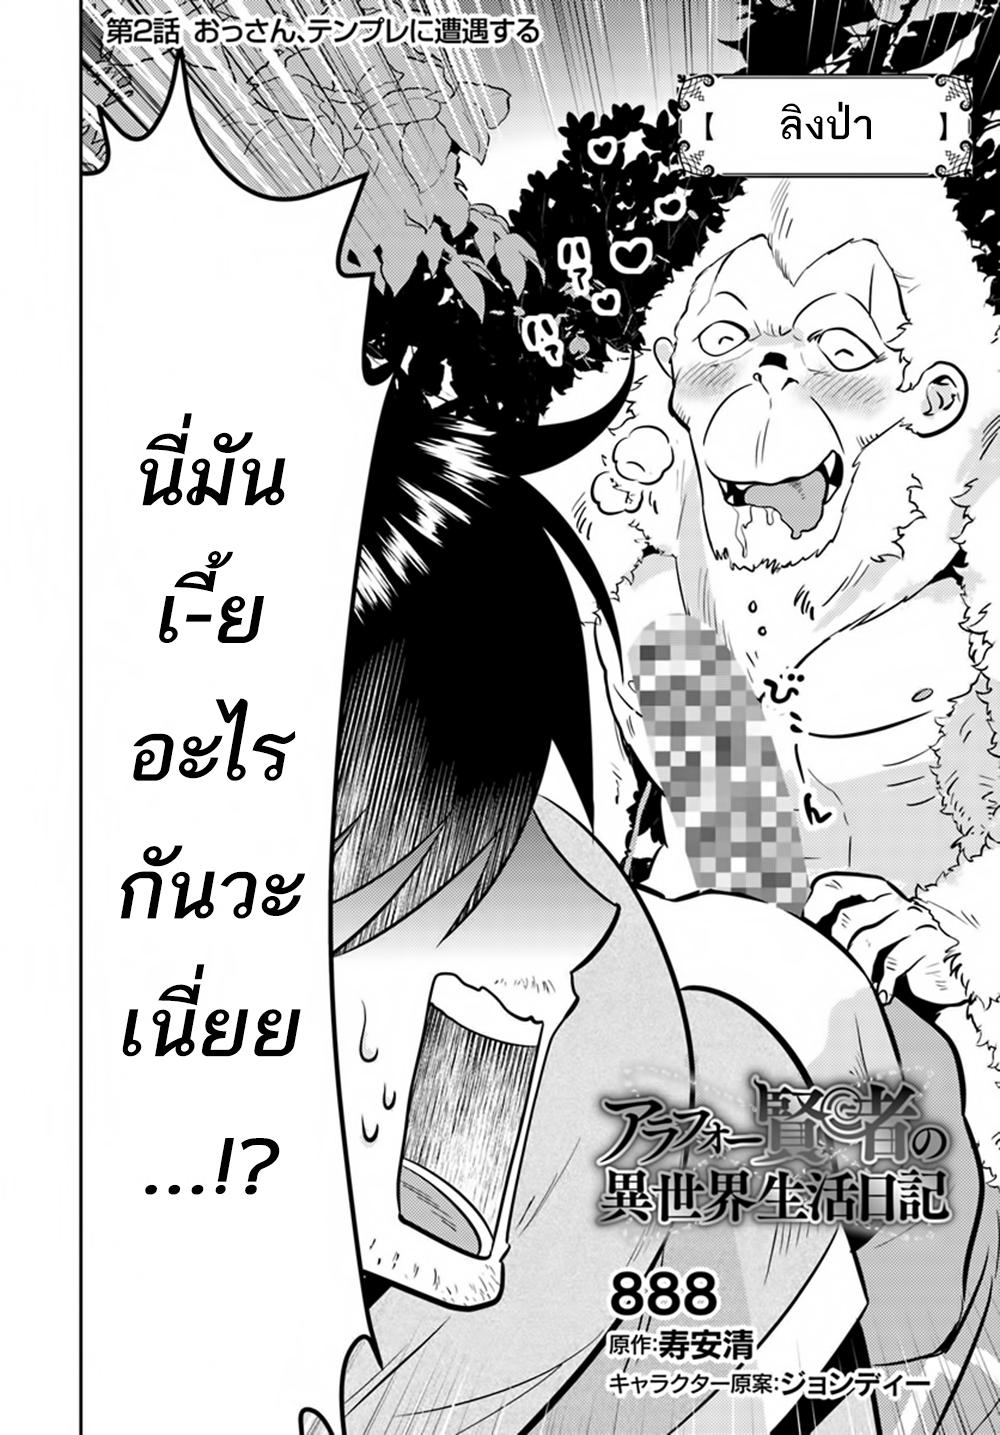 อ่านการ์ตูน Arafoo Kenja no Isekai Seikatsu Nikki ตอนที่ 2 หน้าที่ 4